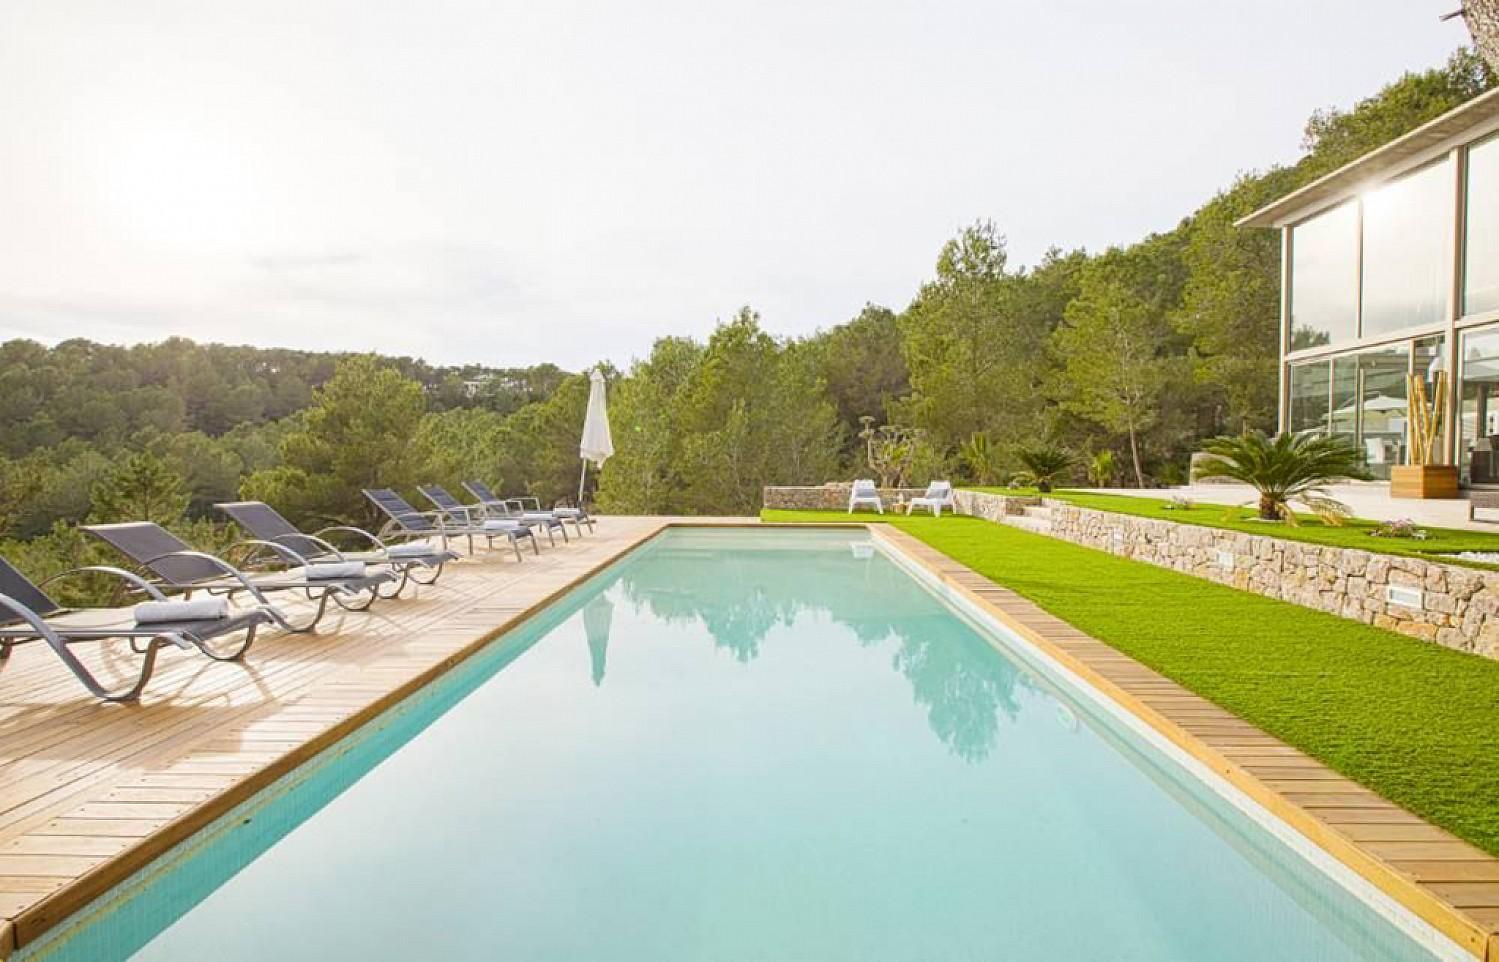 Vistas de la gran piscina